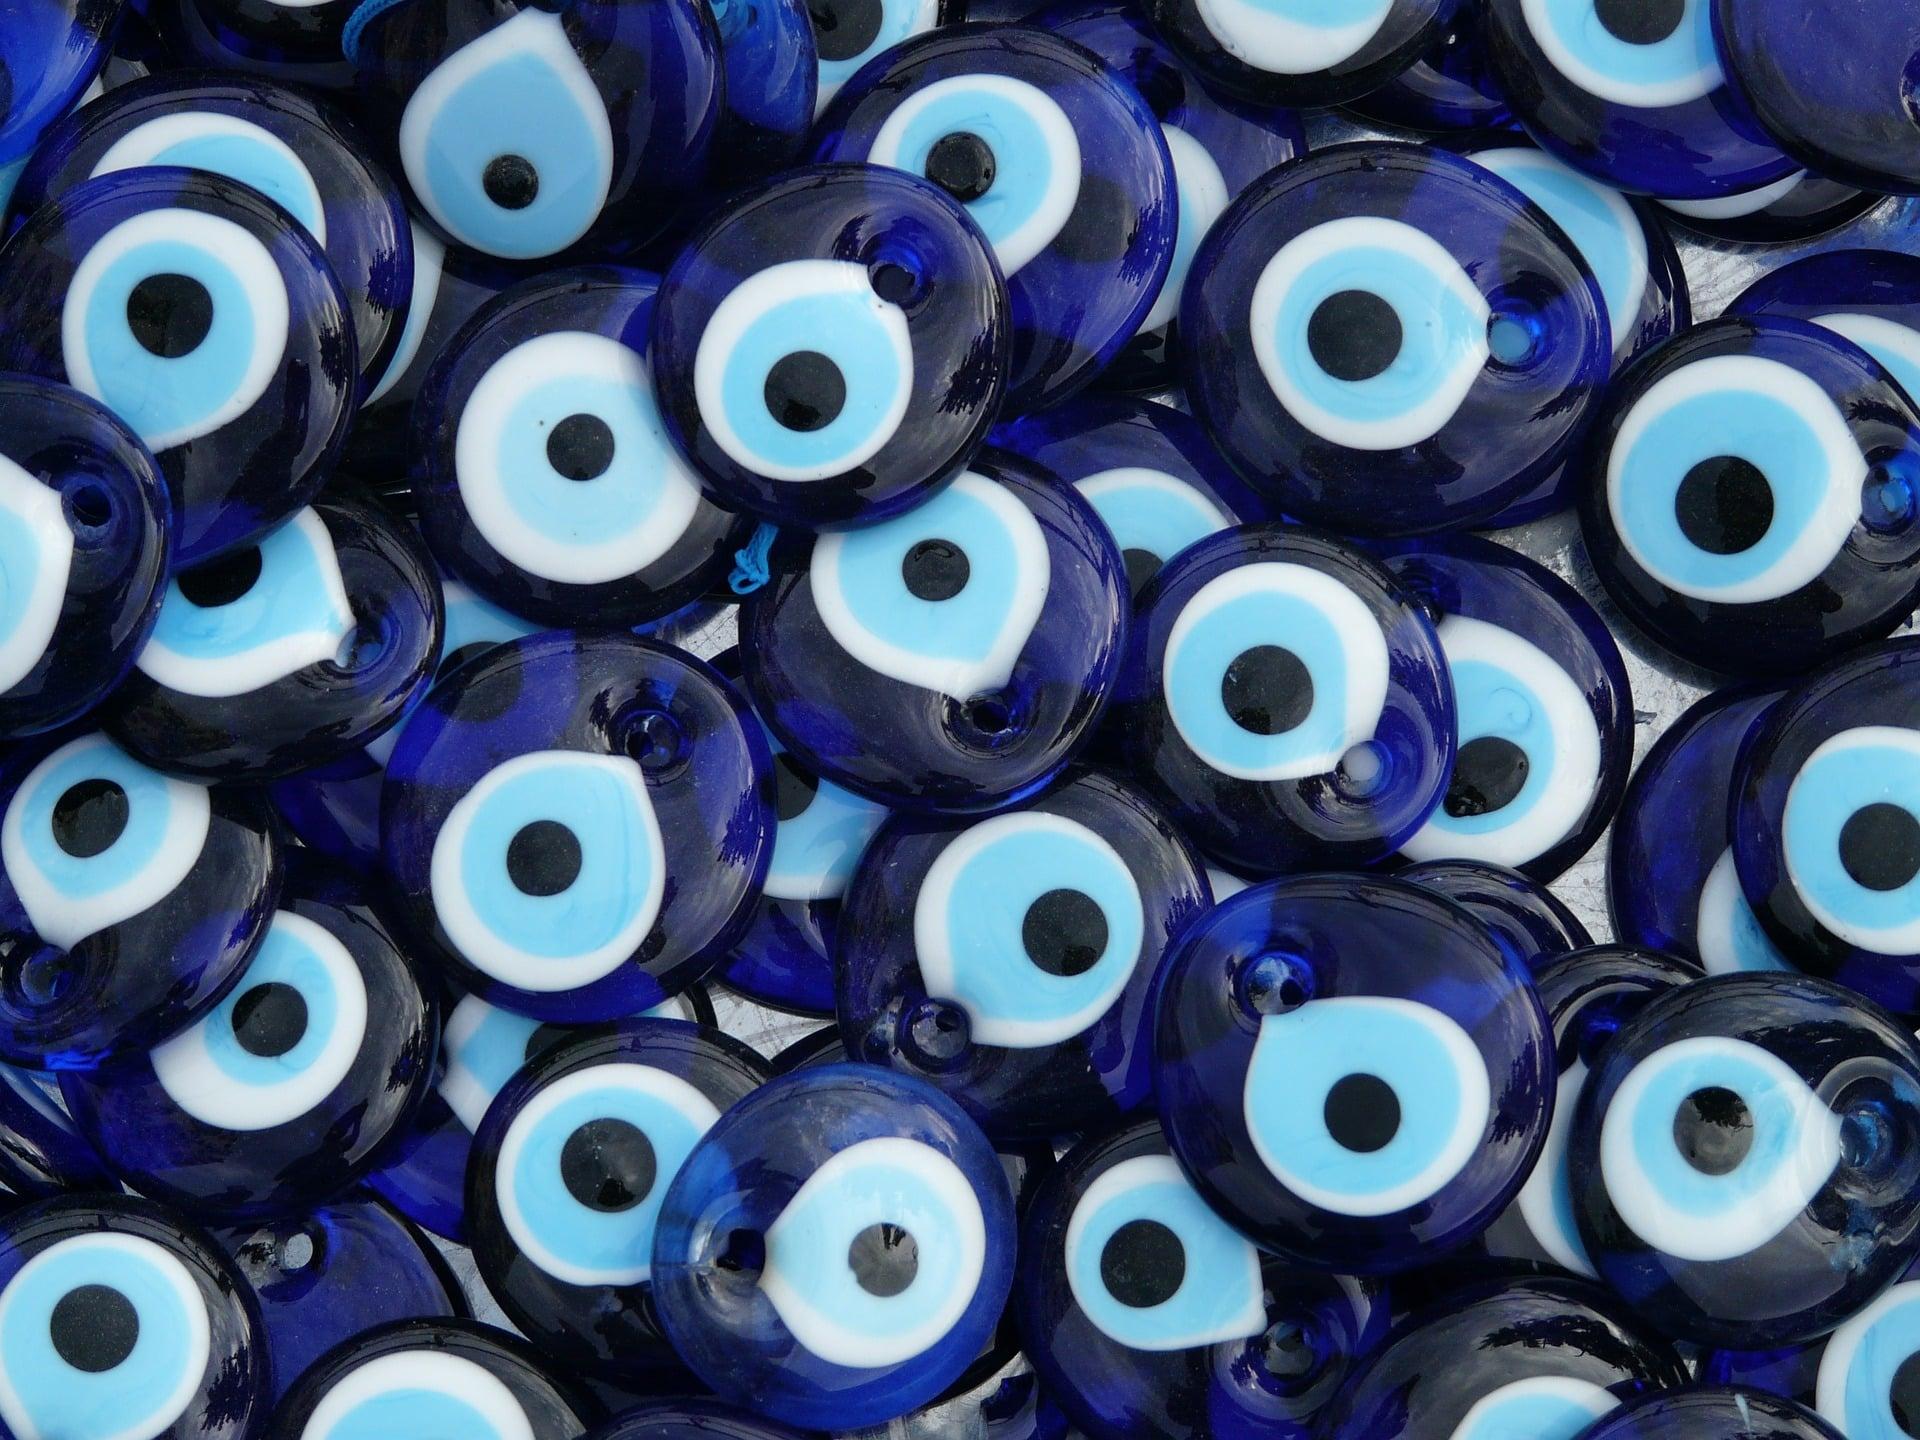 nazar boncuğu nazar boncuk blauer Nazar Auge der Fatima